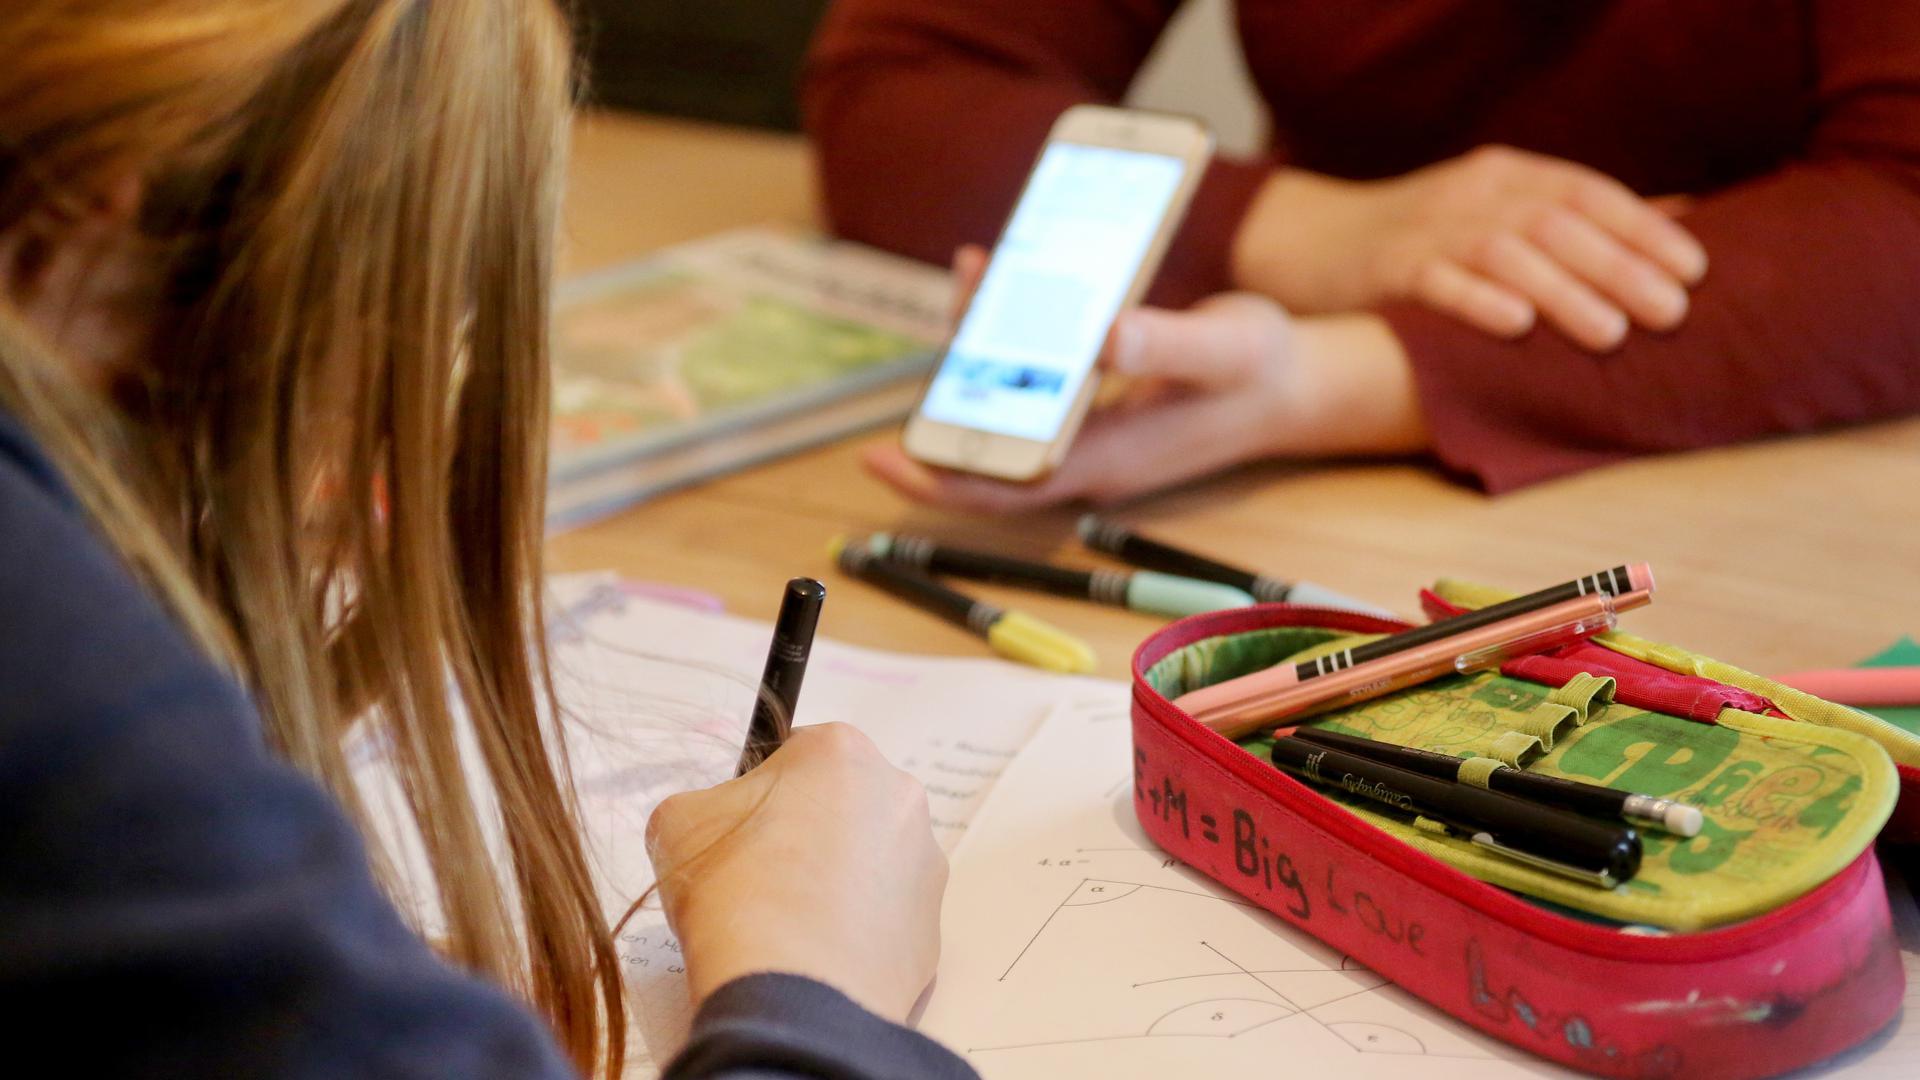 Homeschooling bleibt eine Herausforderung: Der Fernunterricht fordert Schüler, Eltern und Lehrer. Wechselunterricht könnte eine gute Übergangslösung sein, finden Eltern in Gernsbach.